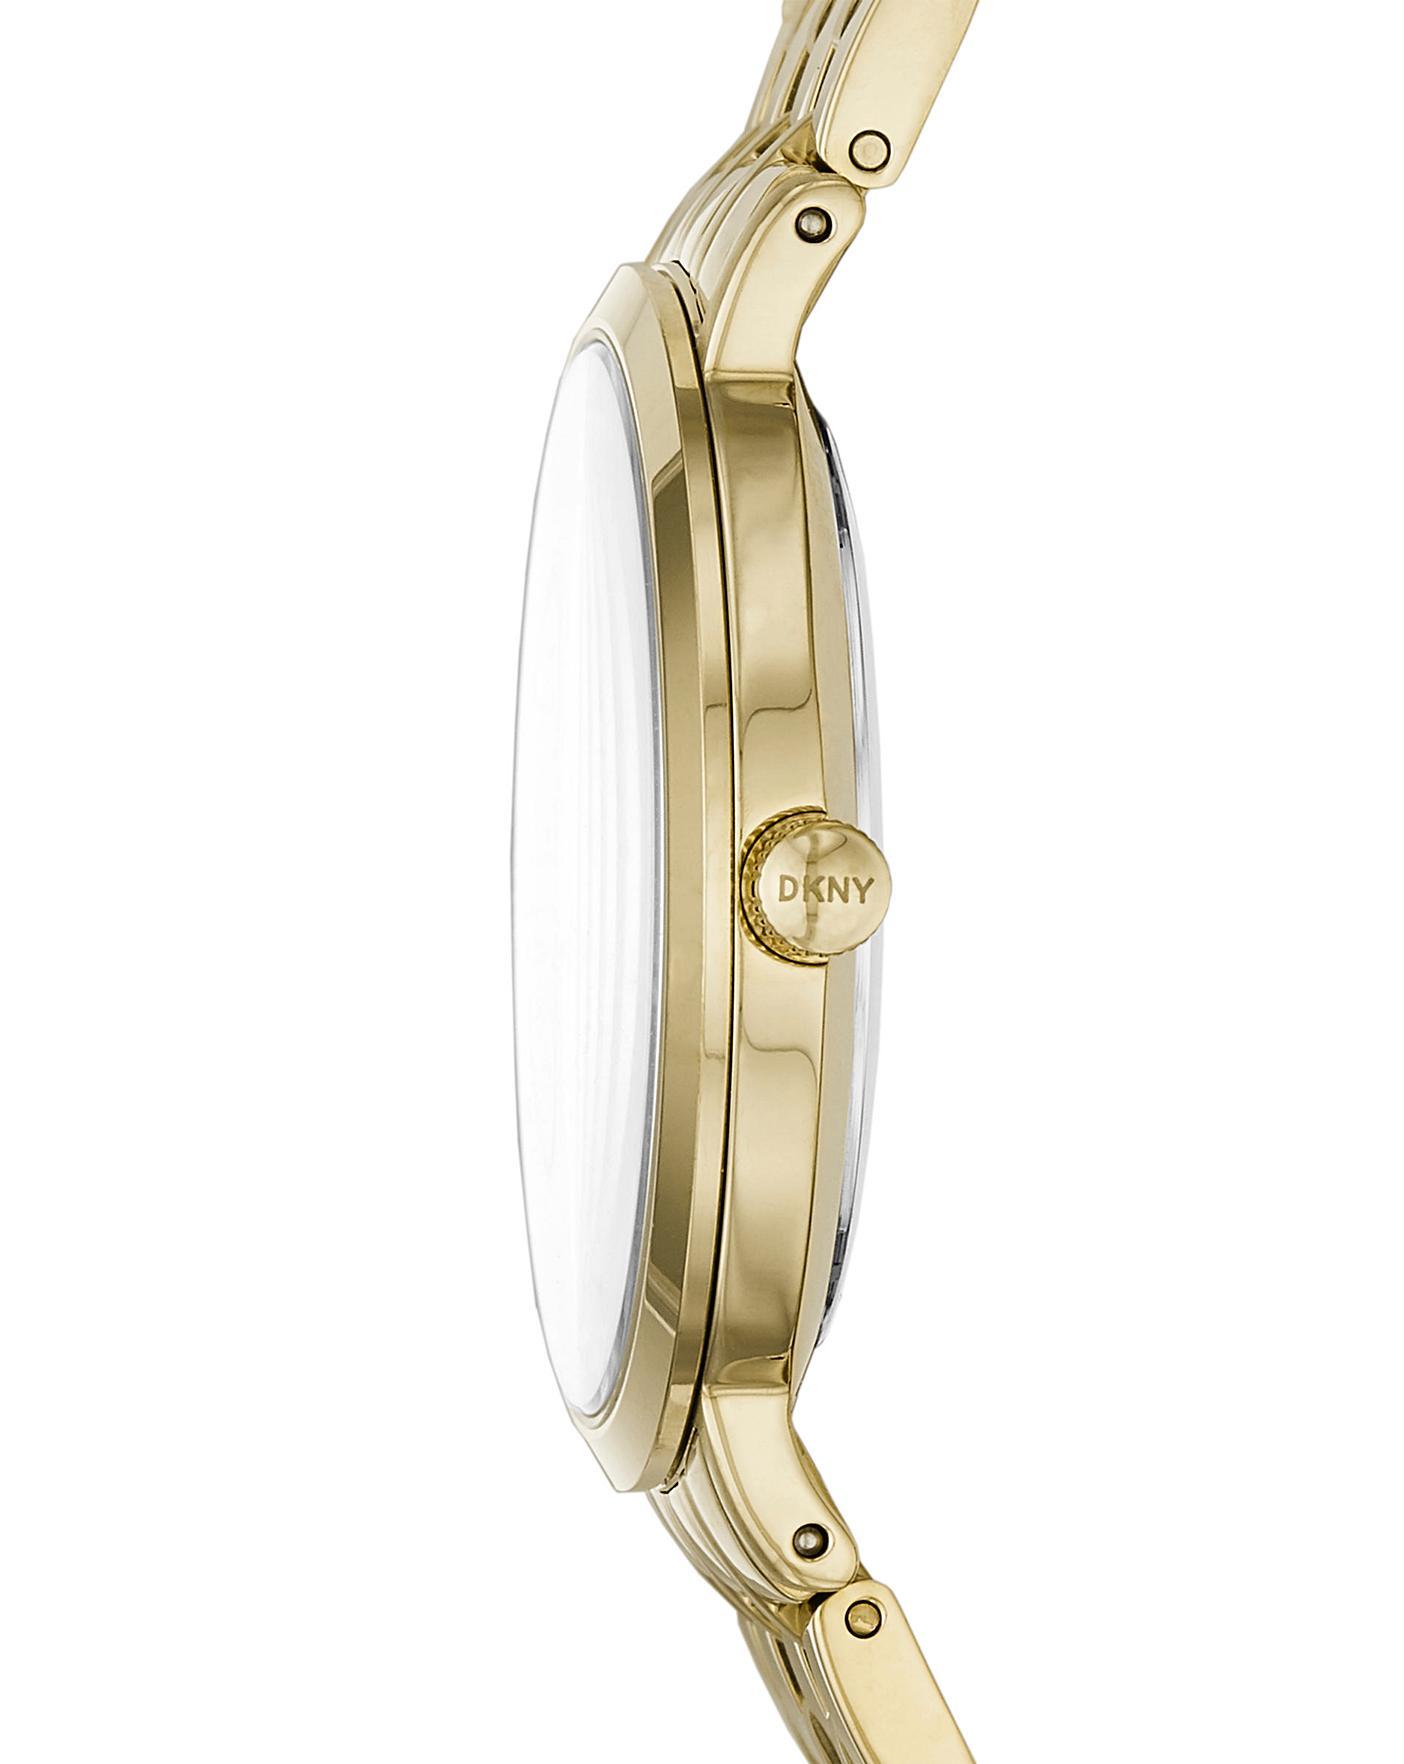 Description. DKNY Ladies Minetta Watch. 01bcb1d1b7a